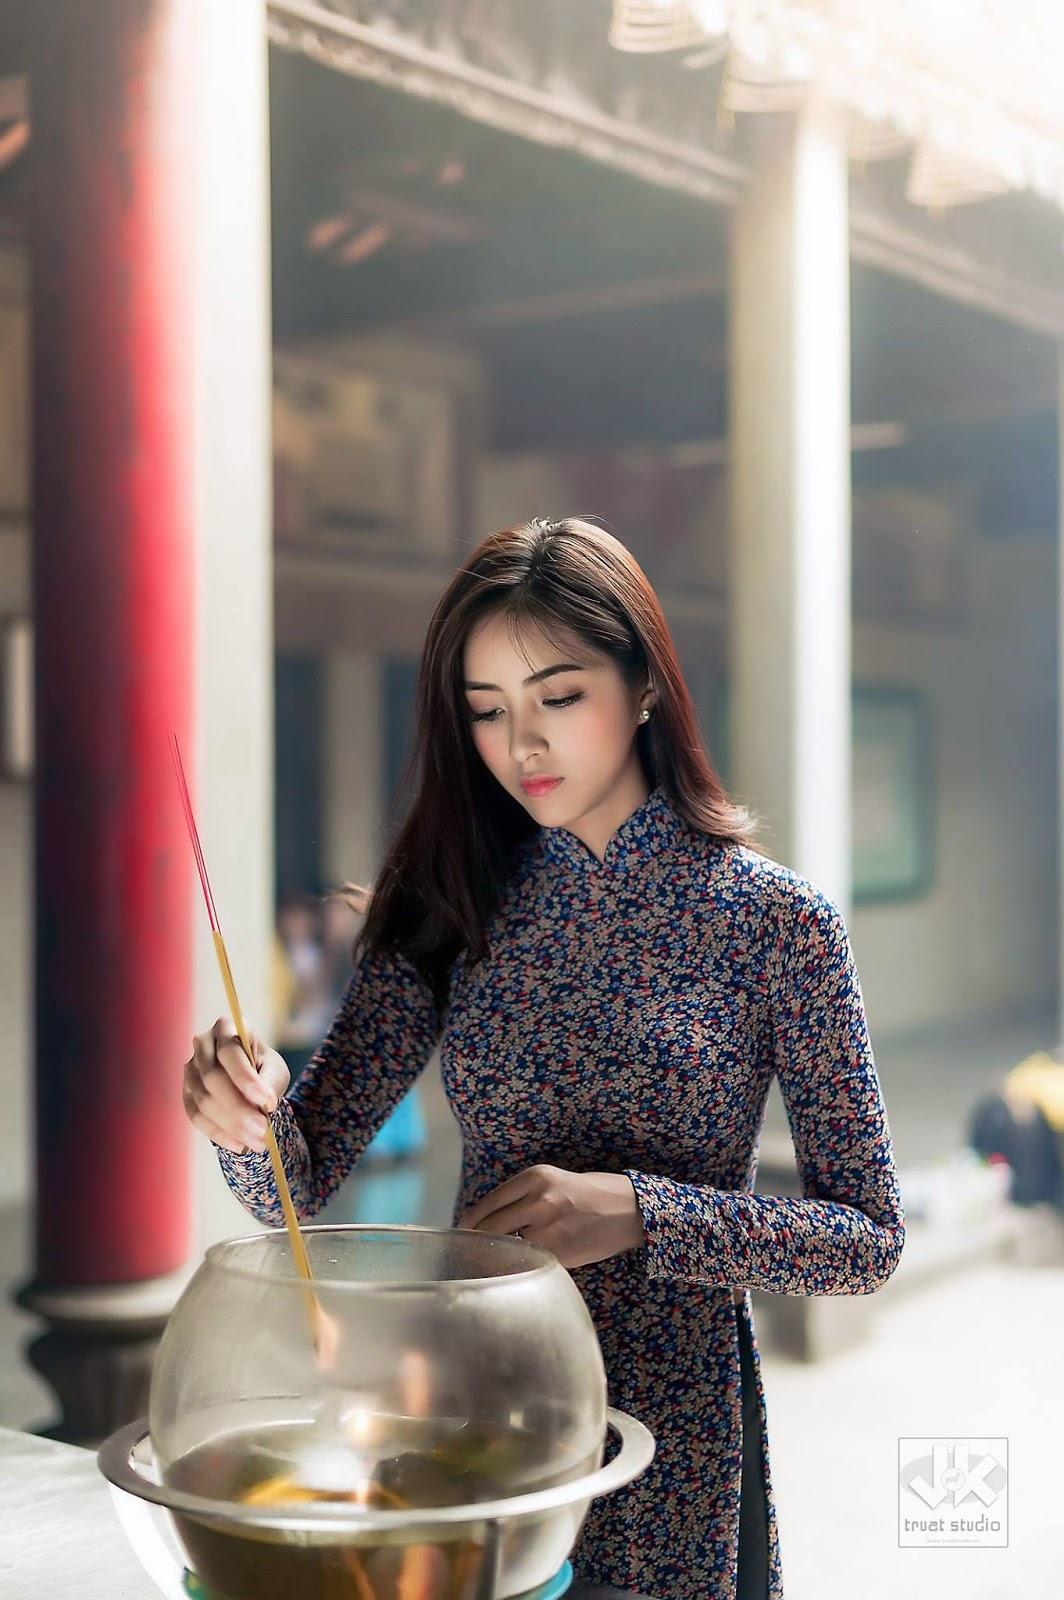 HQ Mai Ánh Quyên Wallpapers | File 251.64Kb